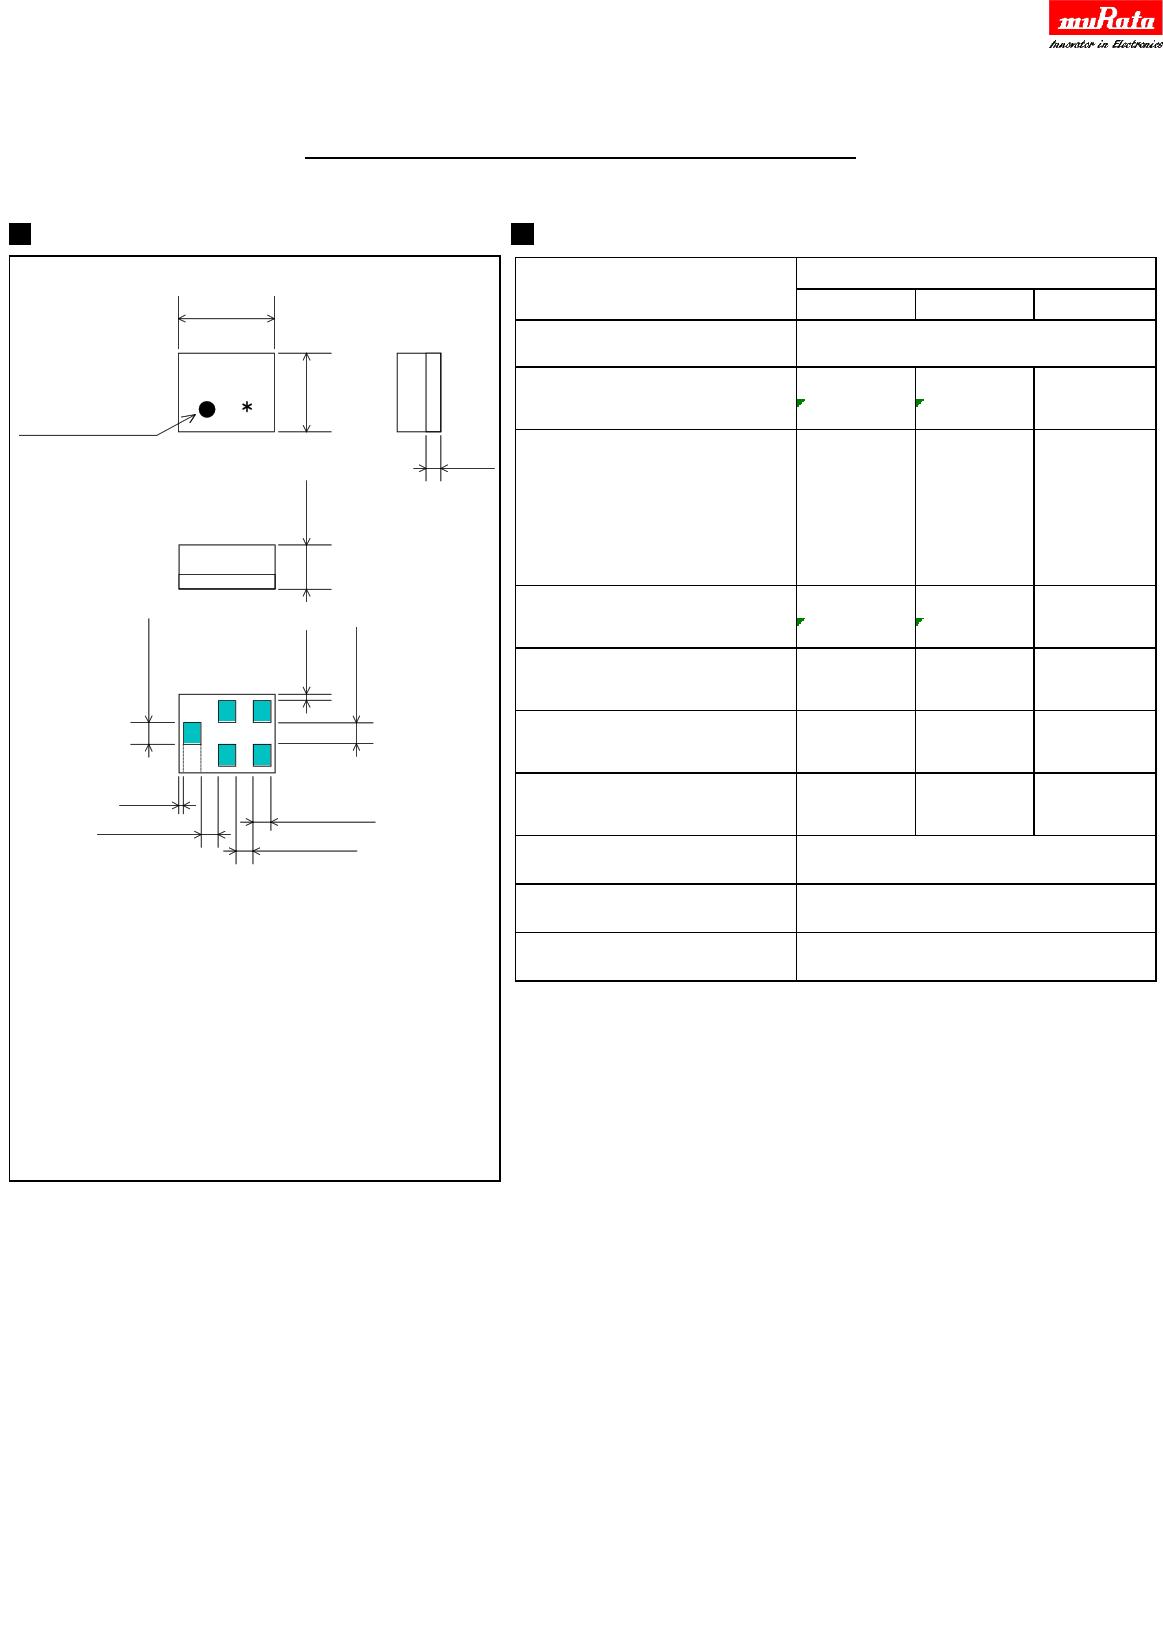 SAFFB751MFA0F0A 데이터시트 및 SAFFB751MFA0F0A PDF